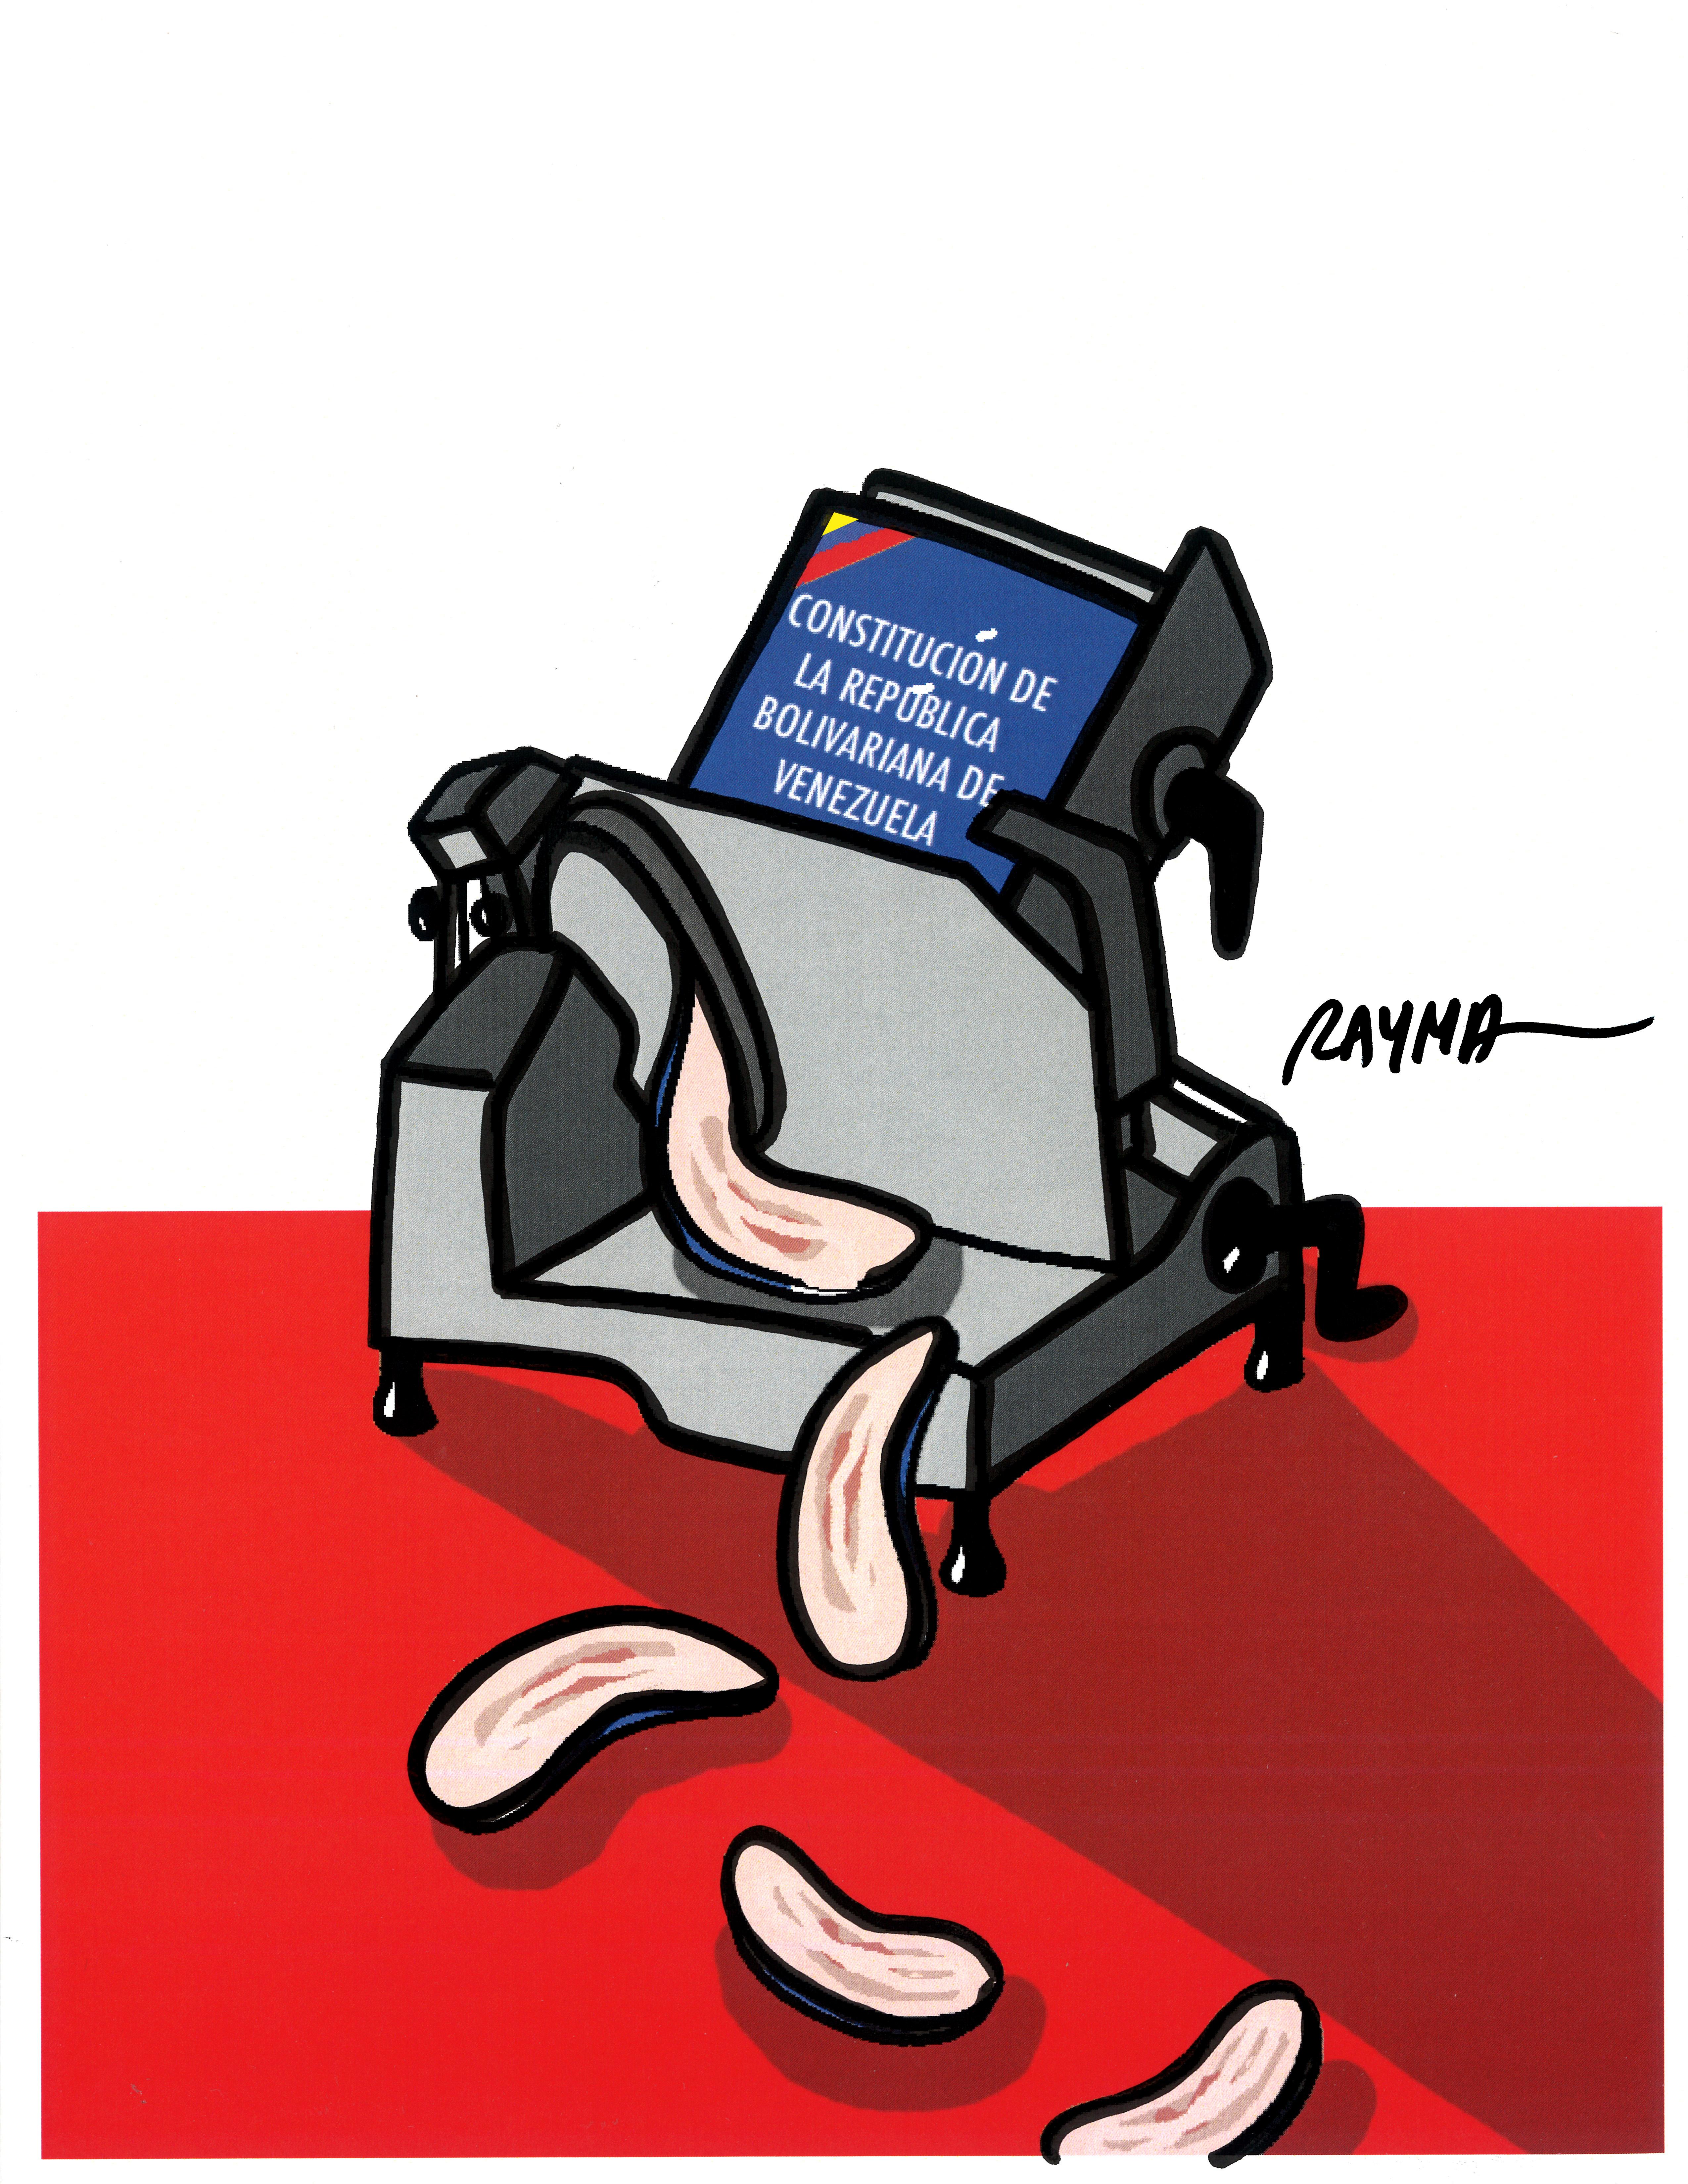 RAYMA-cartoonist-10